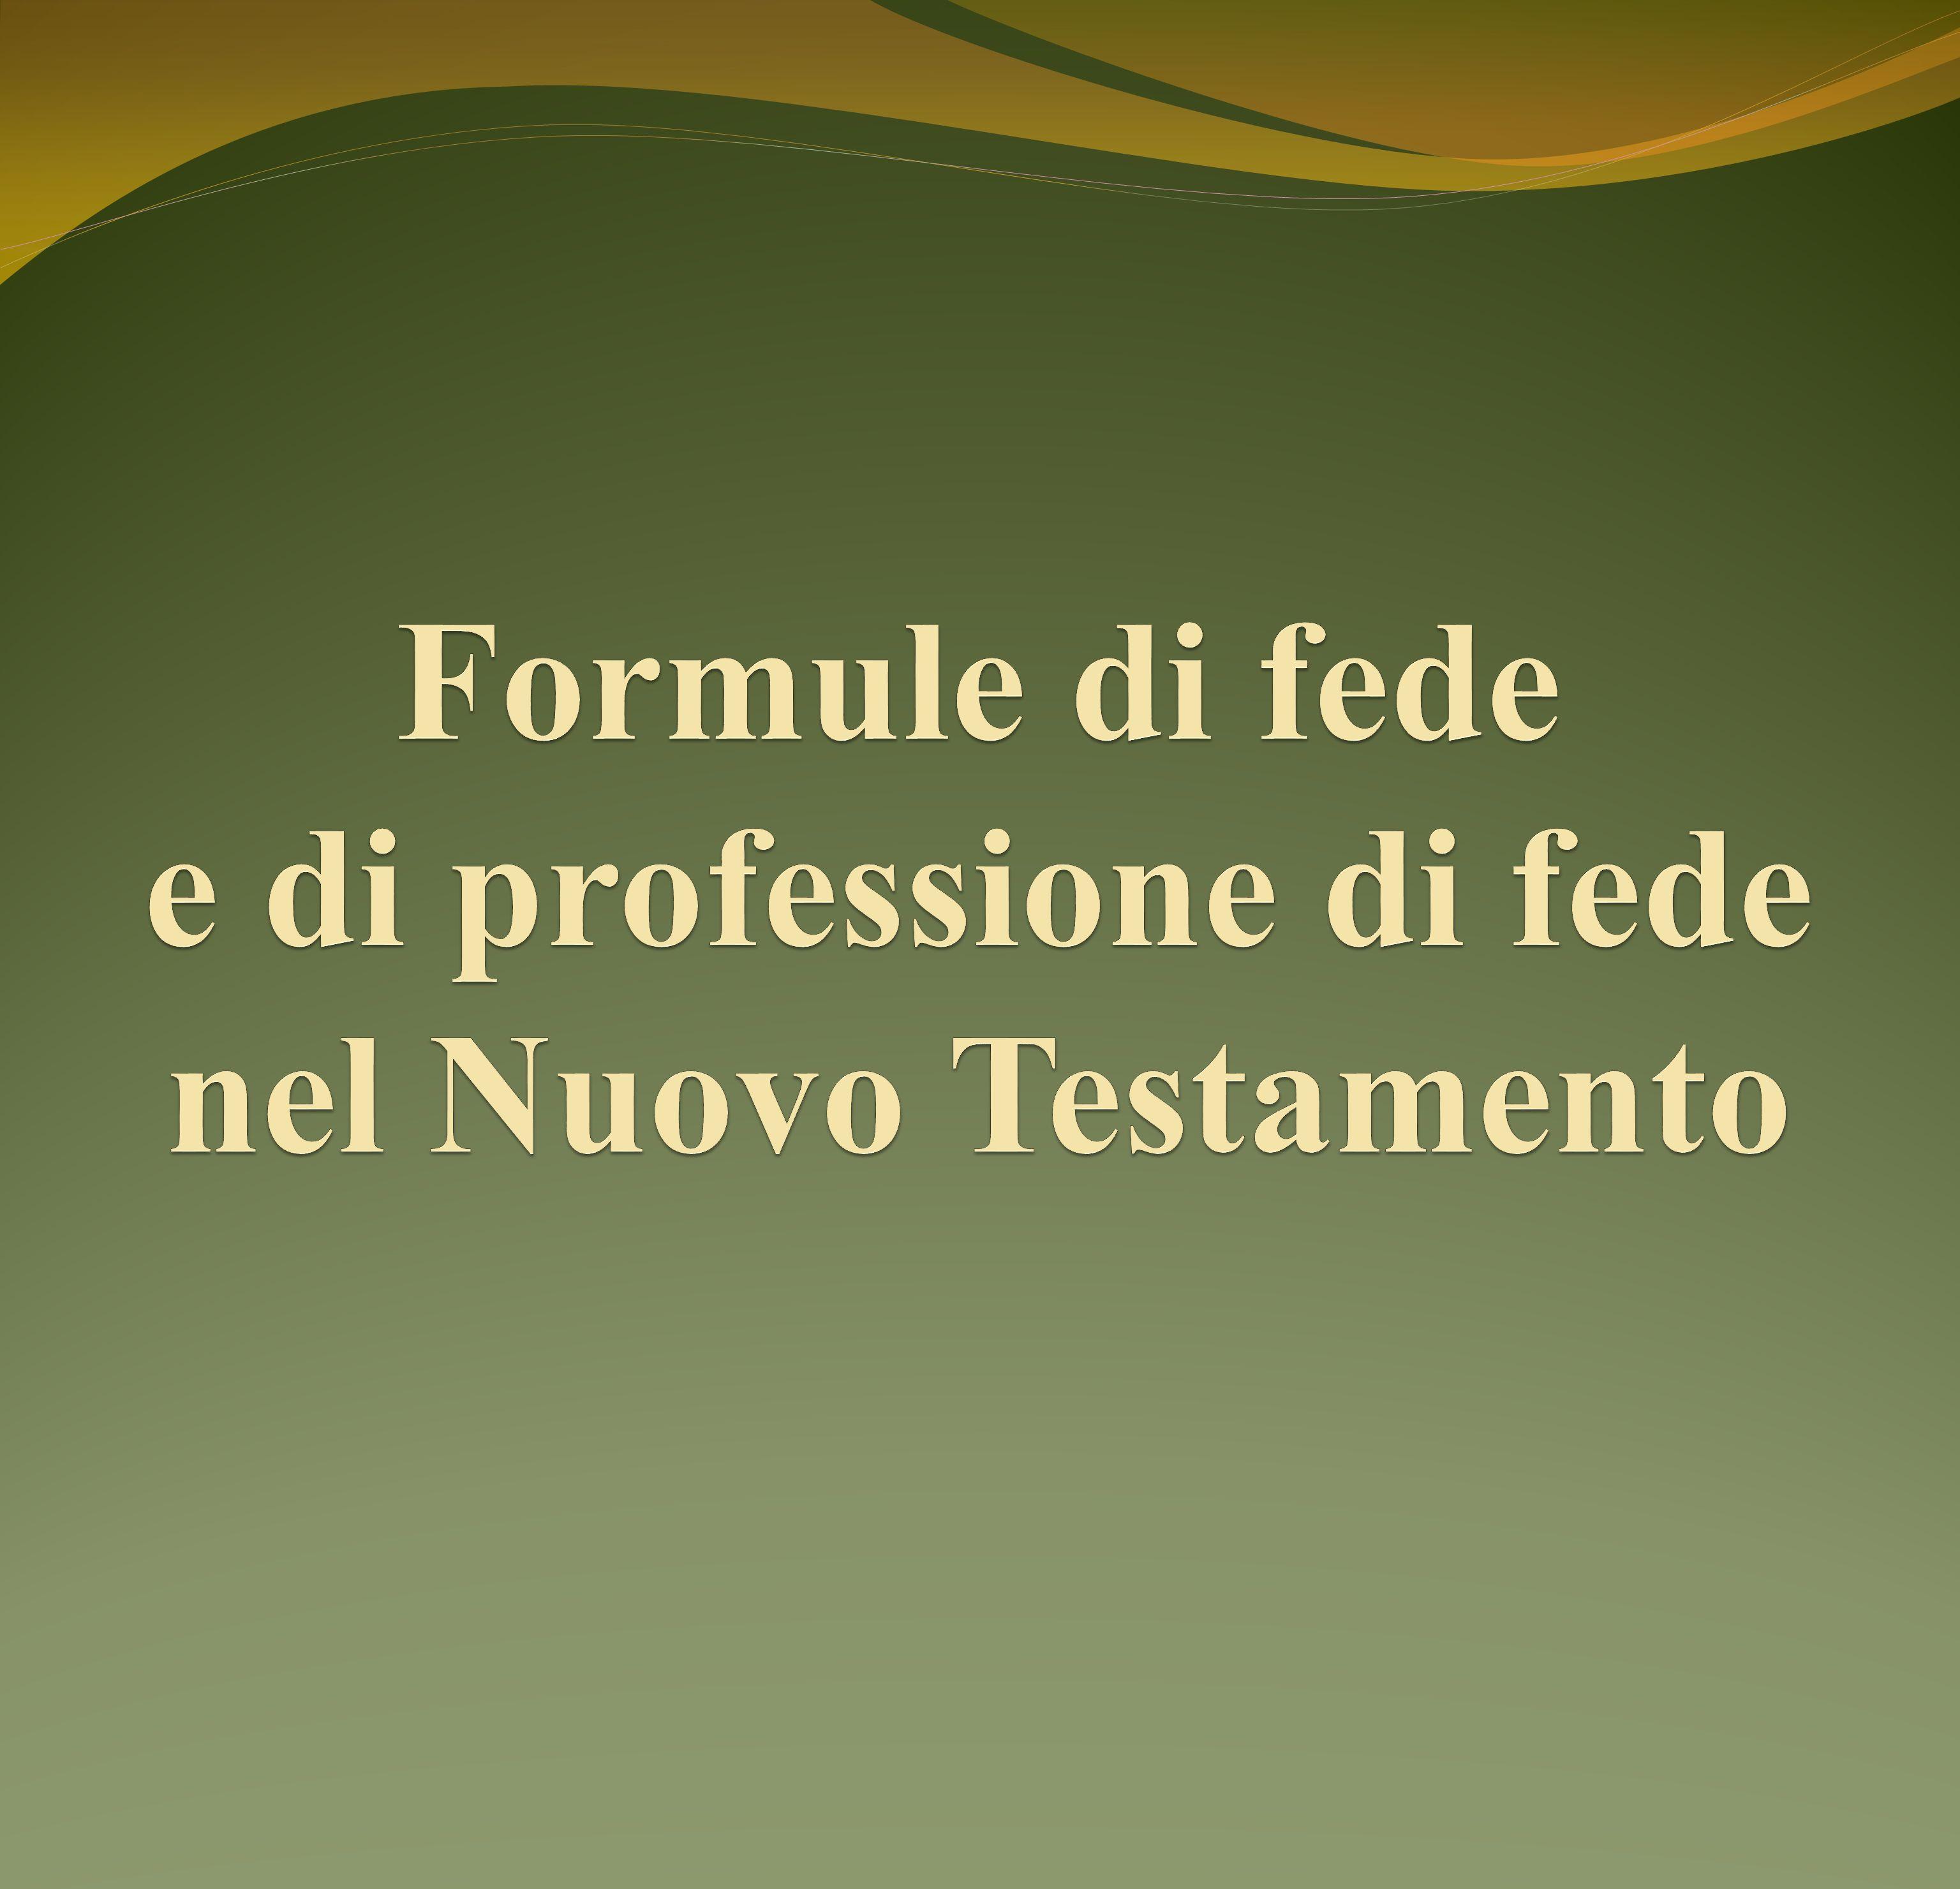 Formule di fede e di professione di fede nel Nuovo Testamento